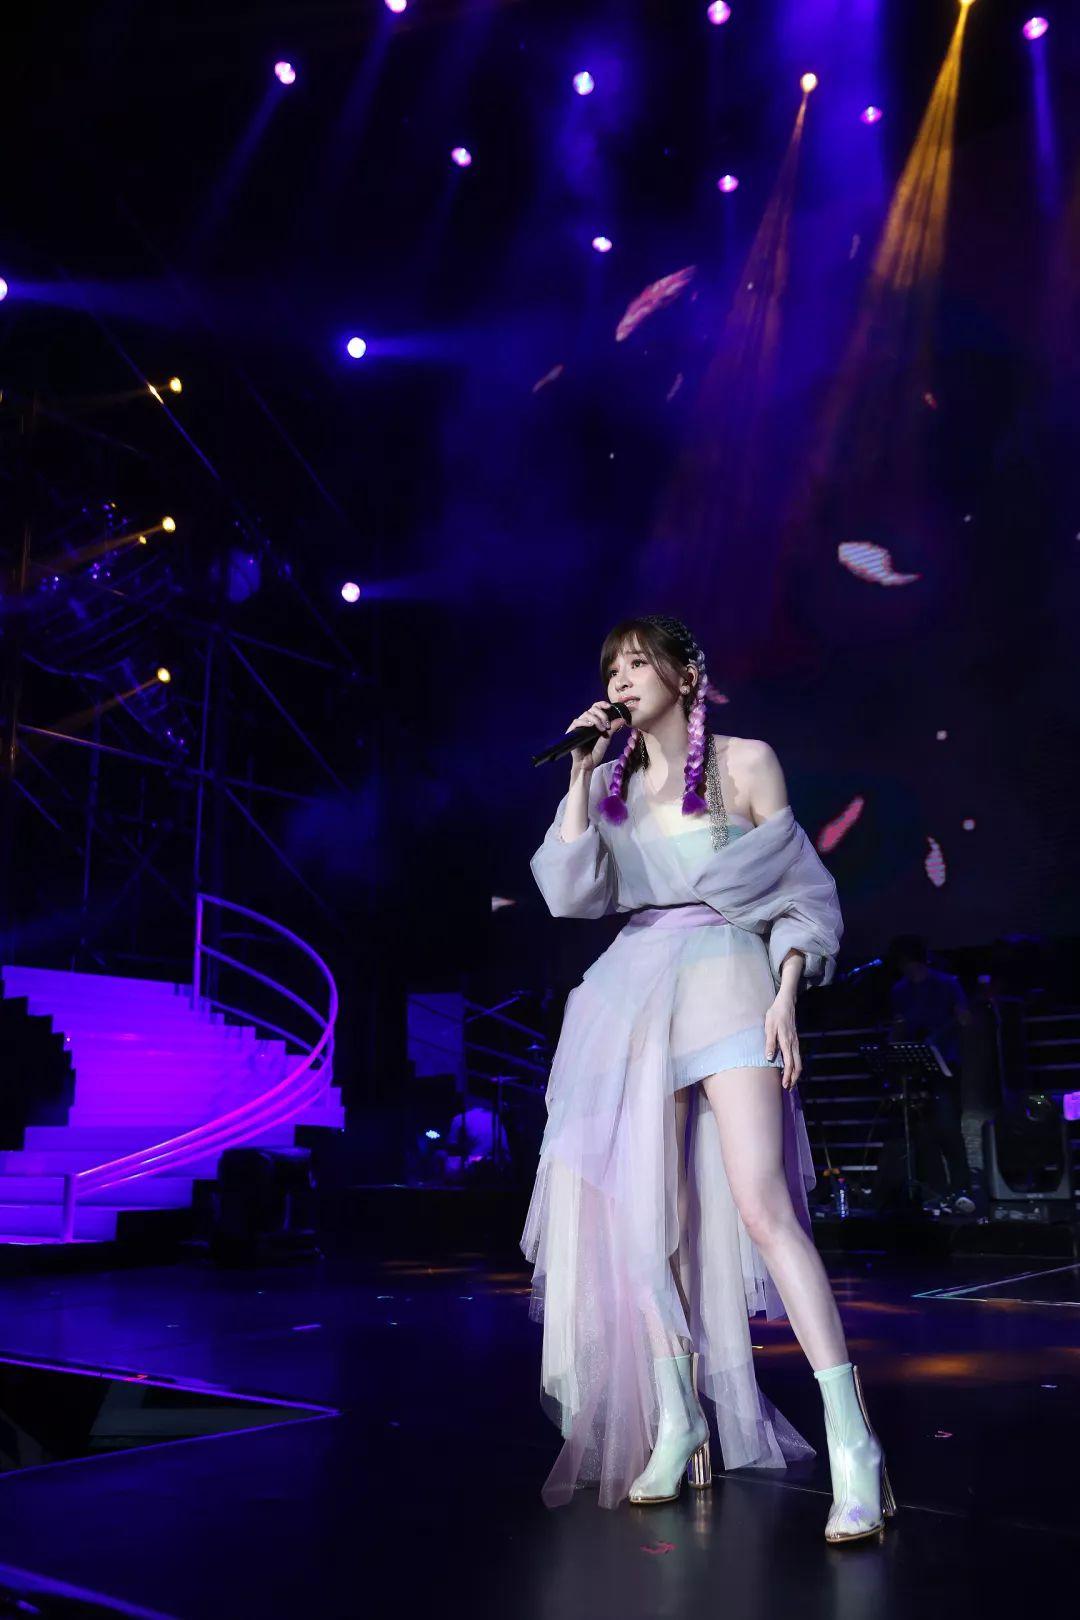 2019王心凌成都演唱會現場回顧 | 仙氣絕美,全程大合唱氣氛爆棚!